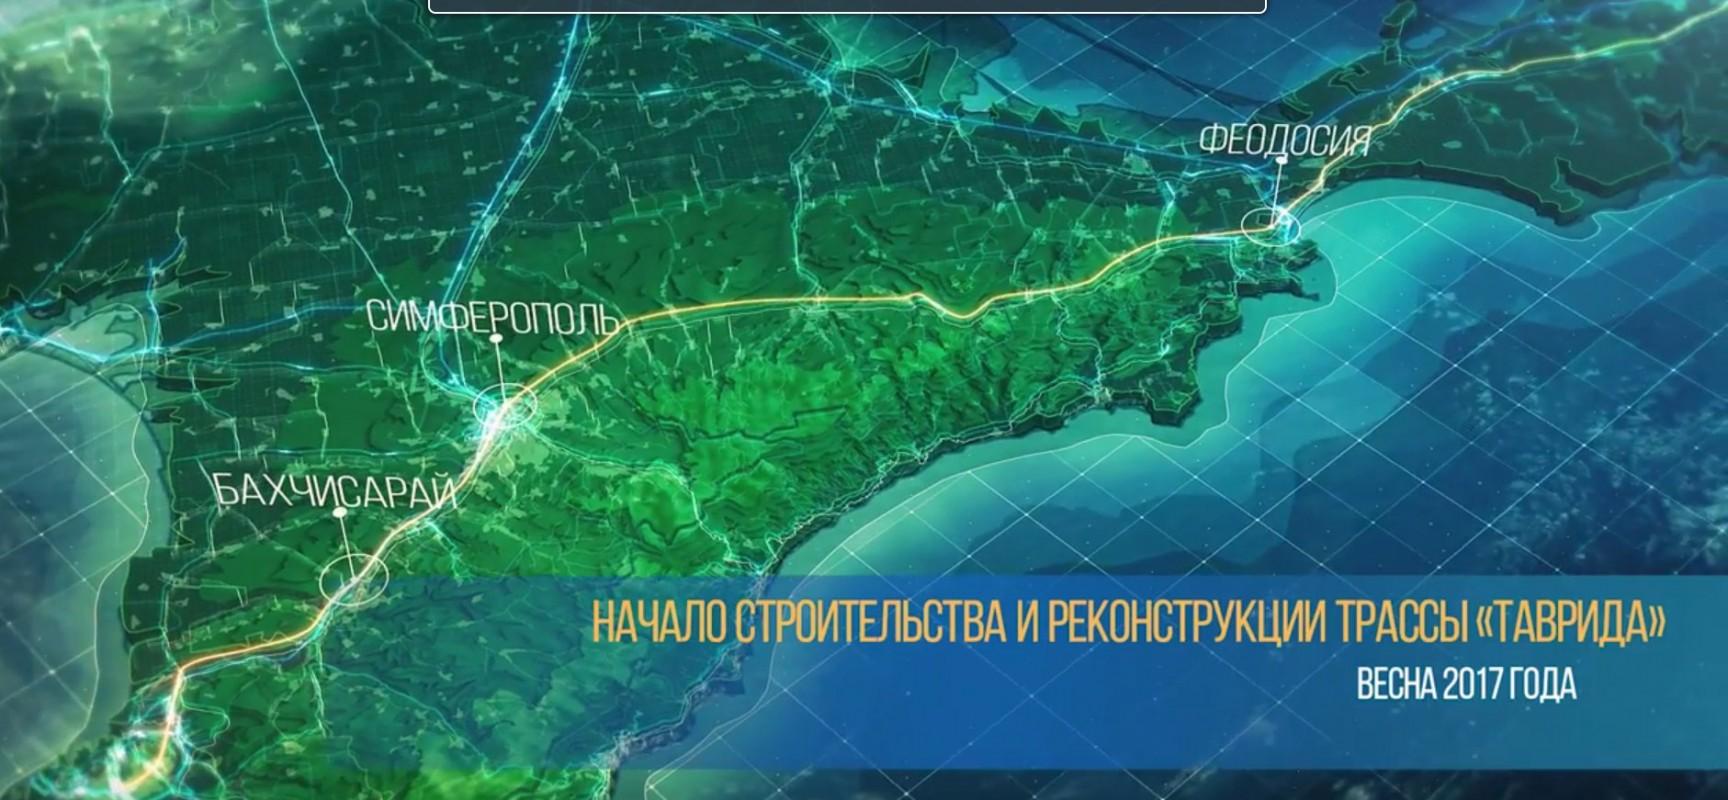 Вдоль строящейся в Крыму федеральной трассы «Таврида» планируется высадить более 322 тысяч деревьев